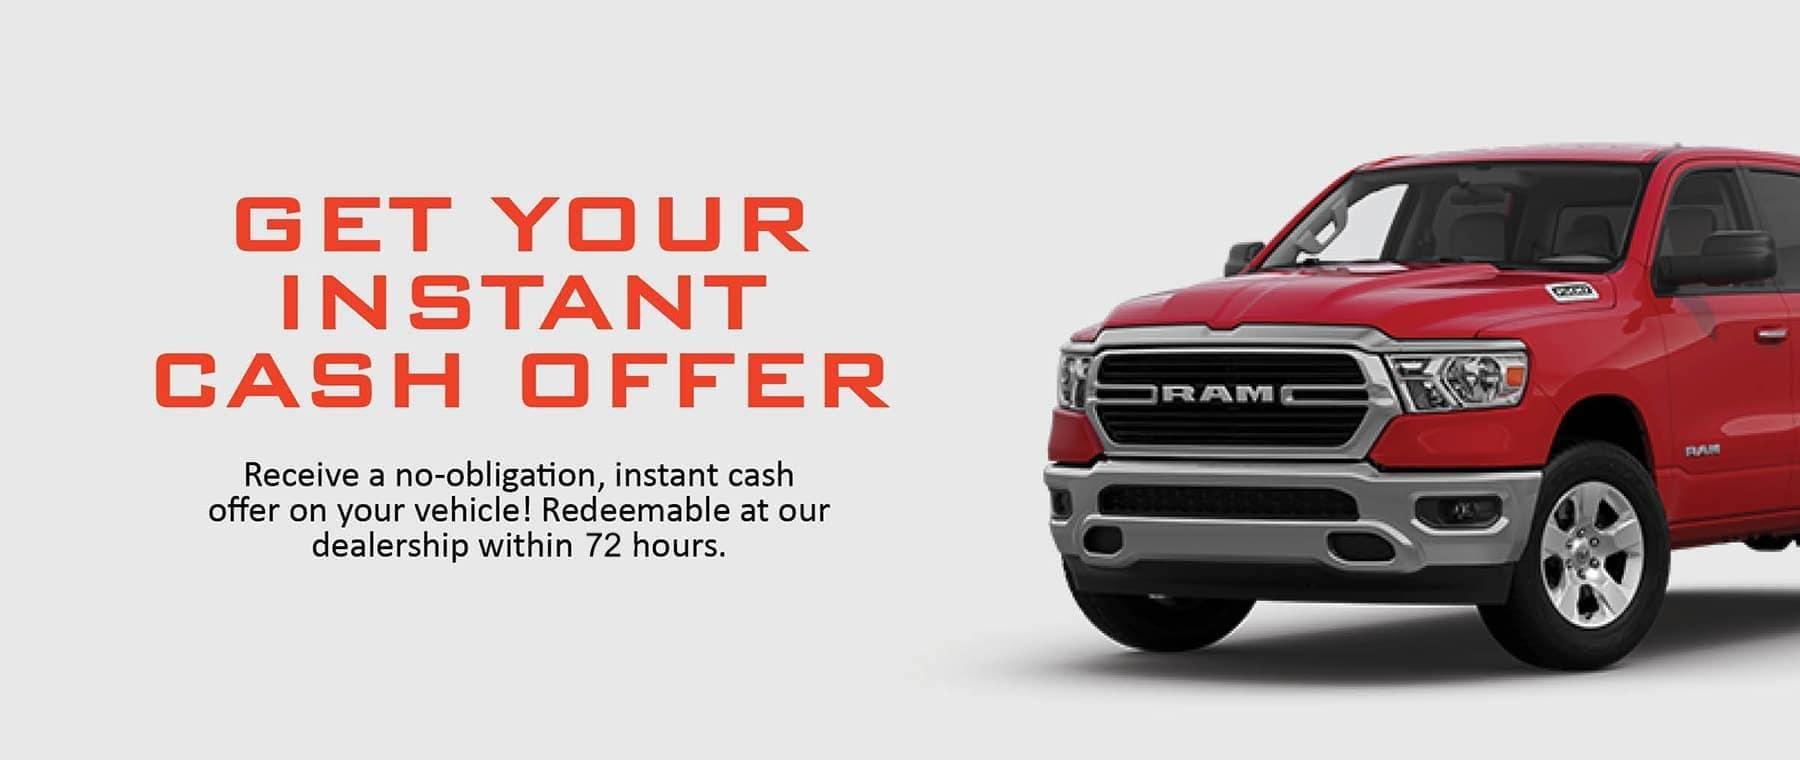 201029-KAG-Instant-Cash-Offer-Banner-v2-2